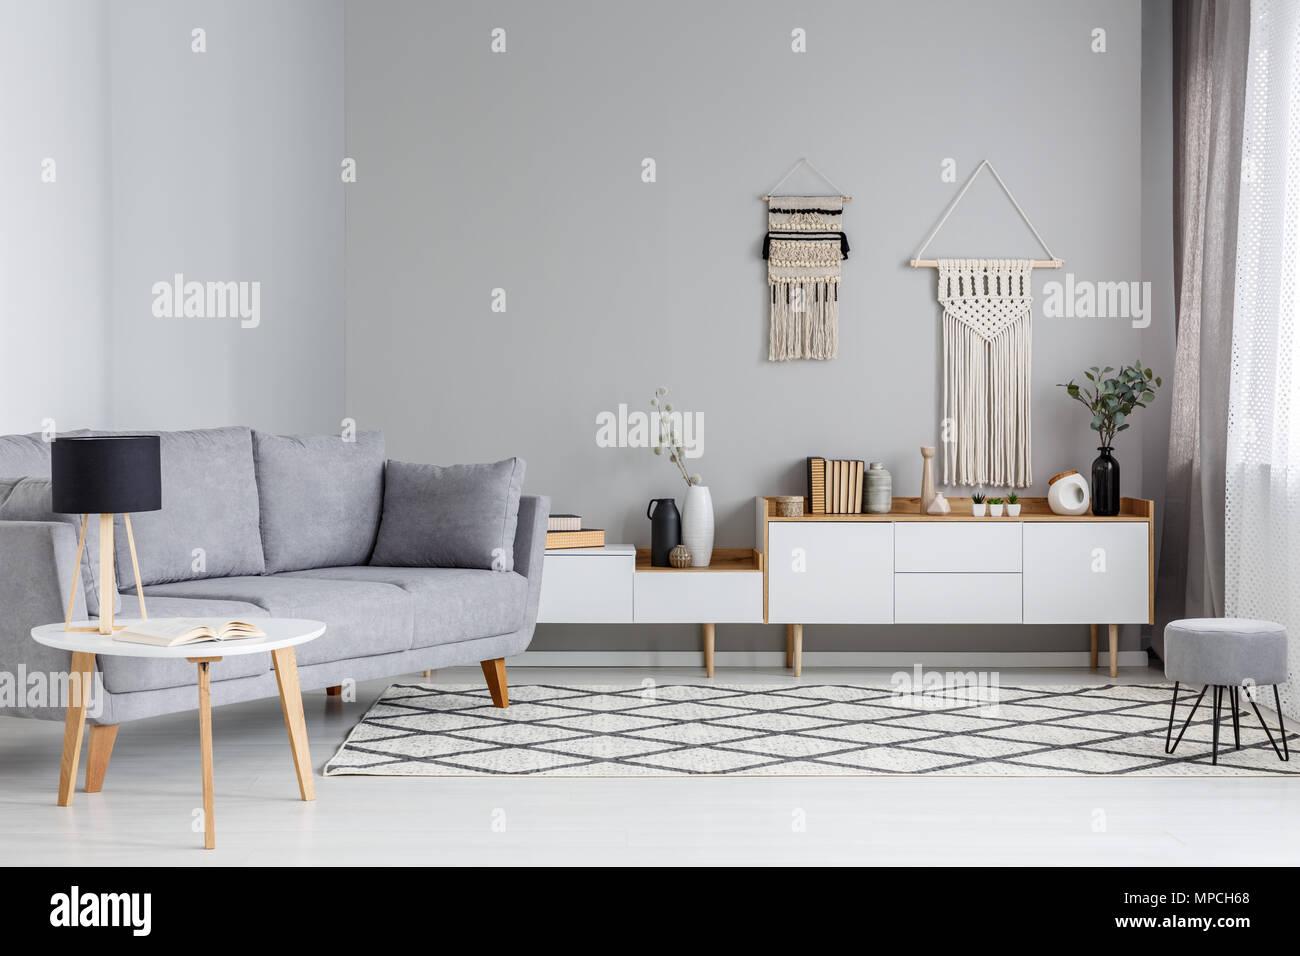 Auf Dem Tisch Neben Grau Sofa Lampe In Scandi Wohnzimmer Interieur